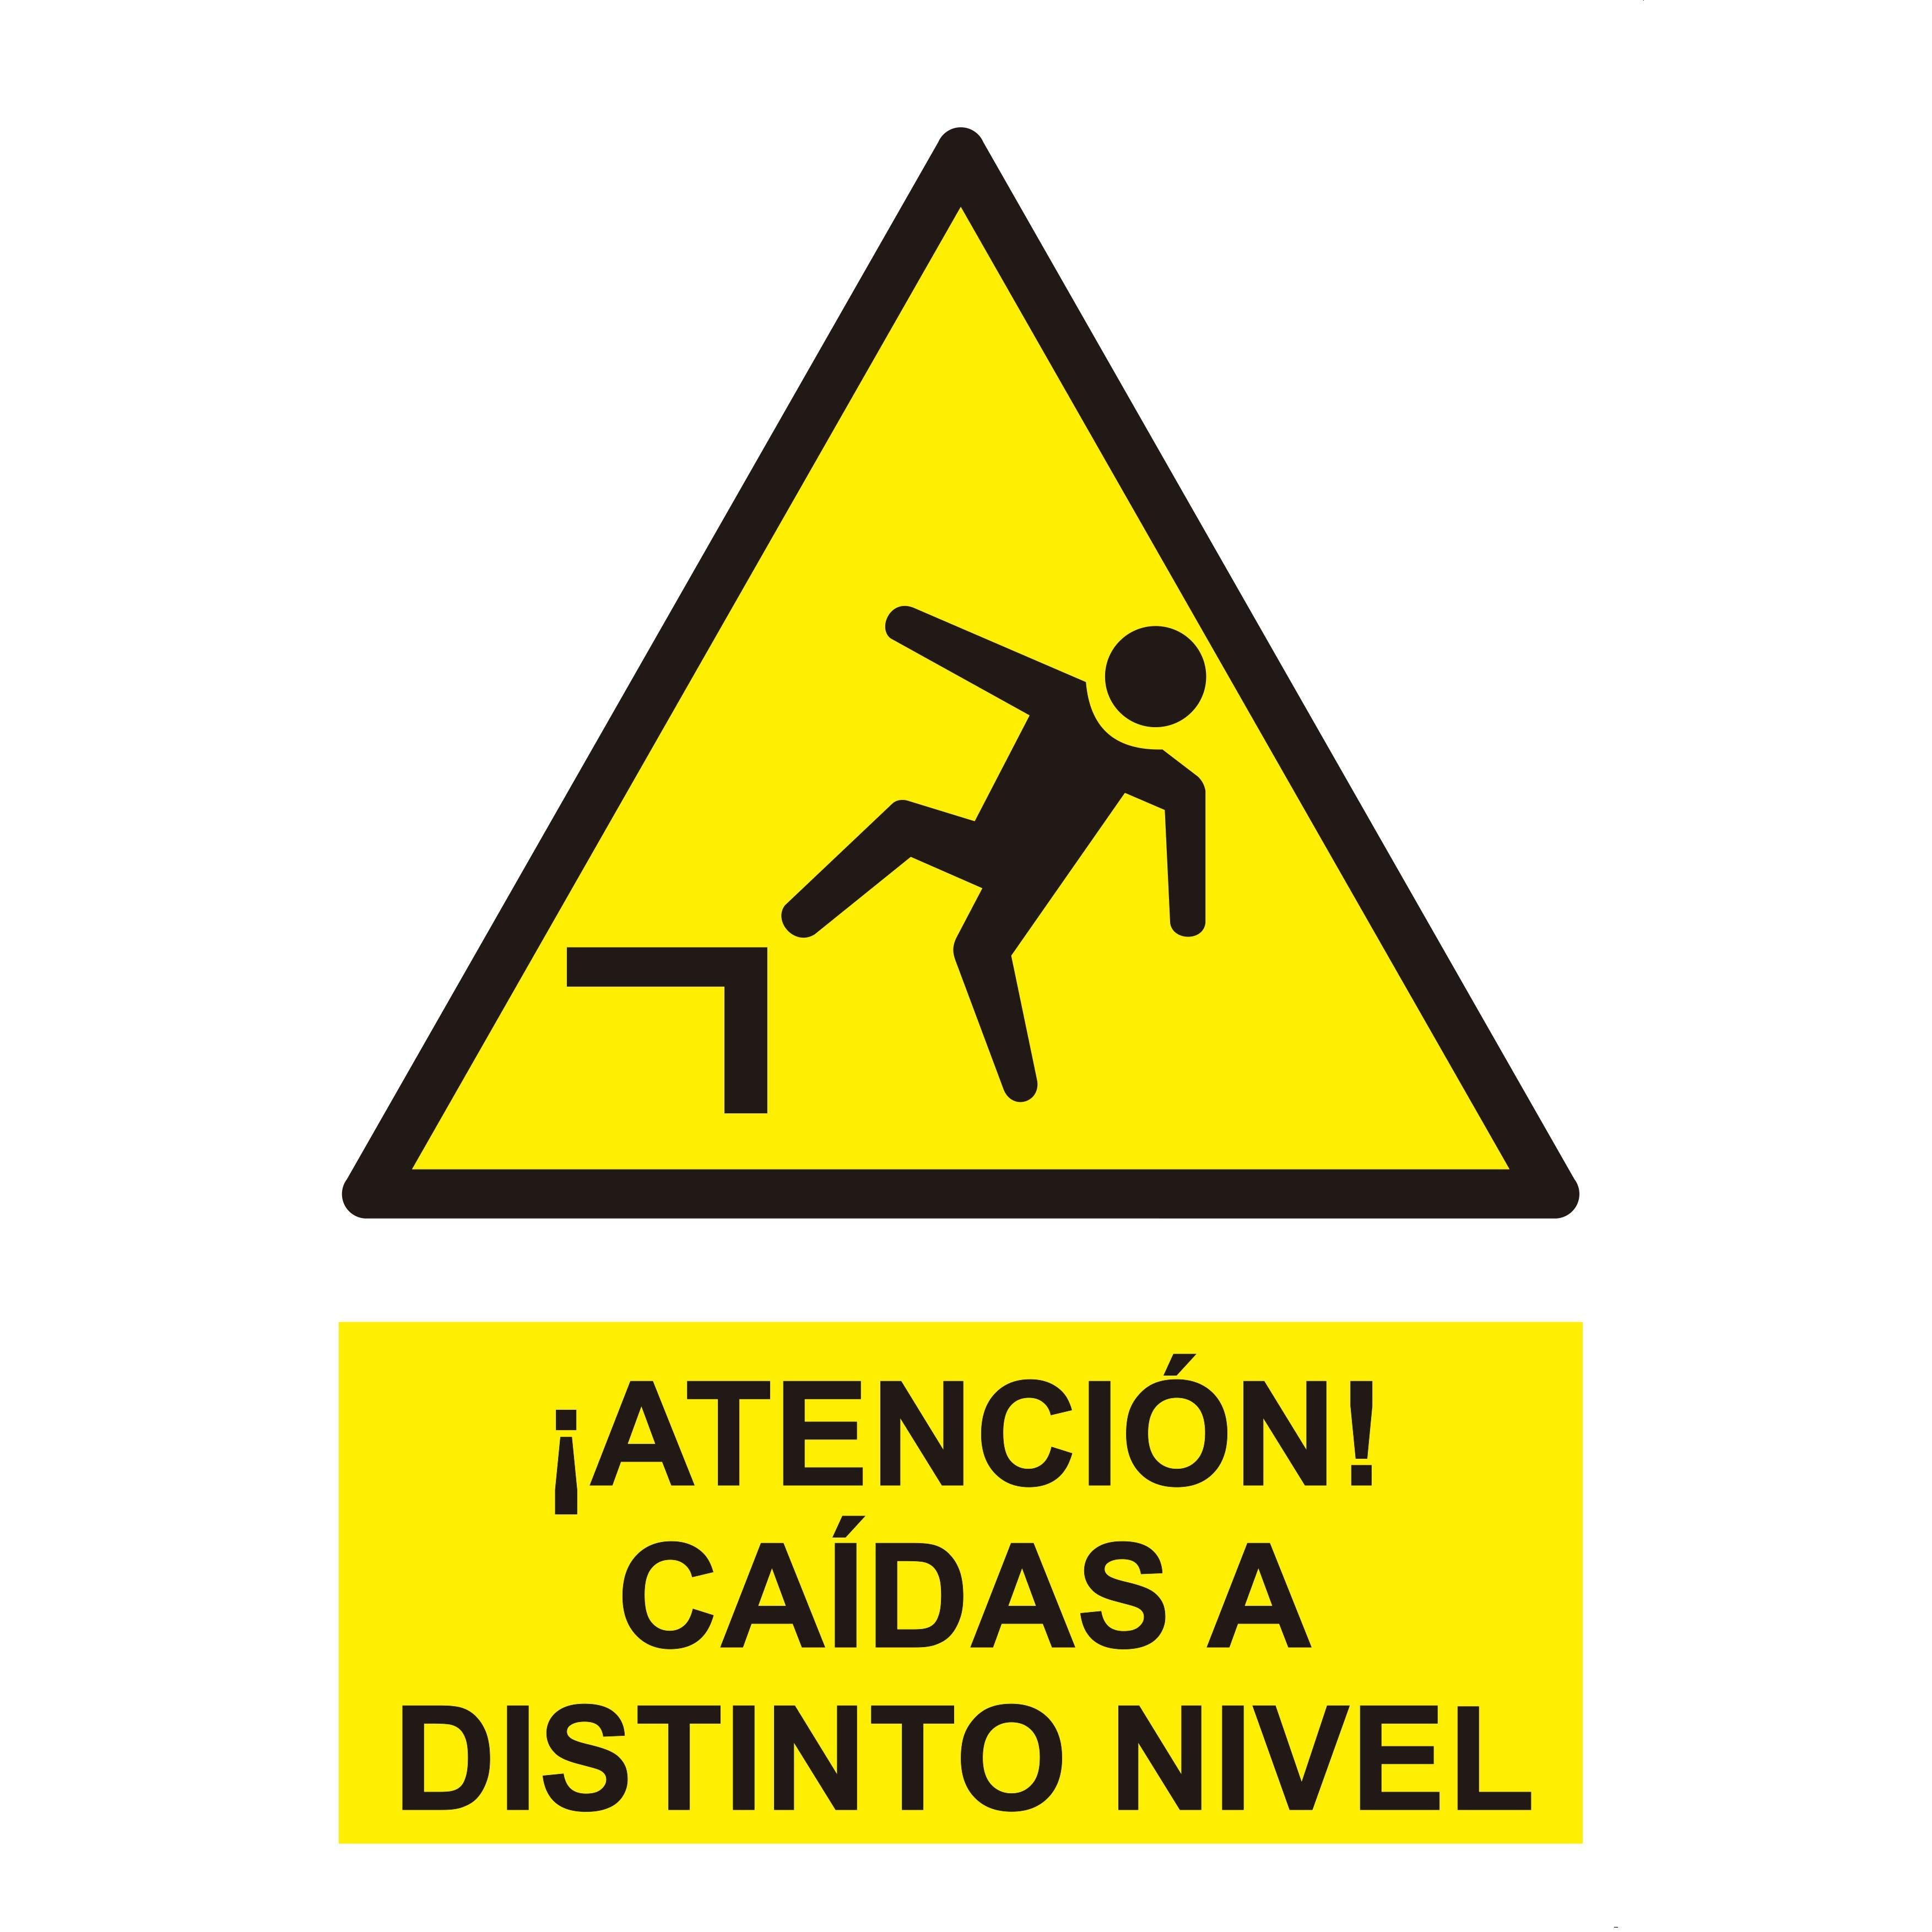 Señal ATENCIÓN CAIDAS A DISTINTO NIVEL